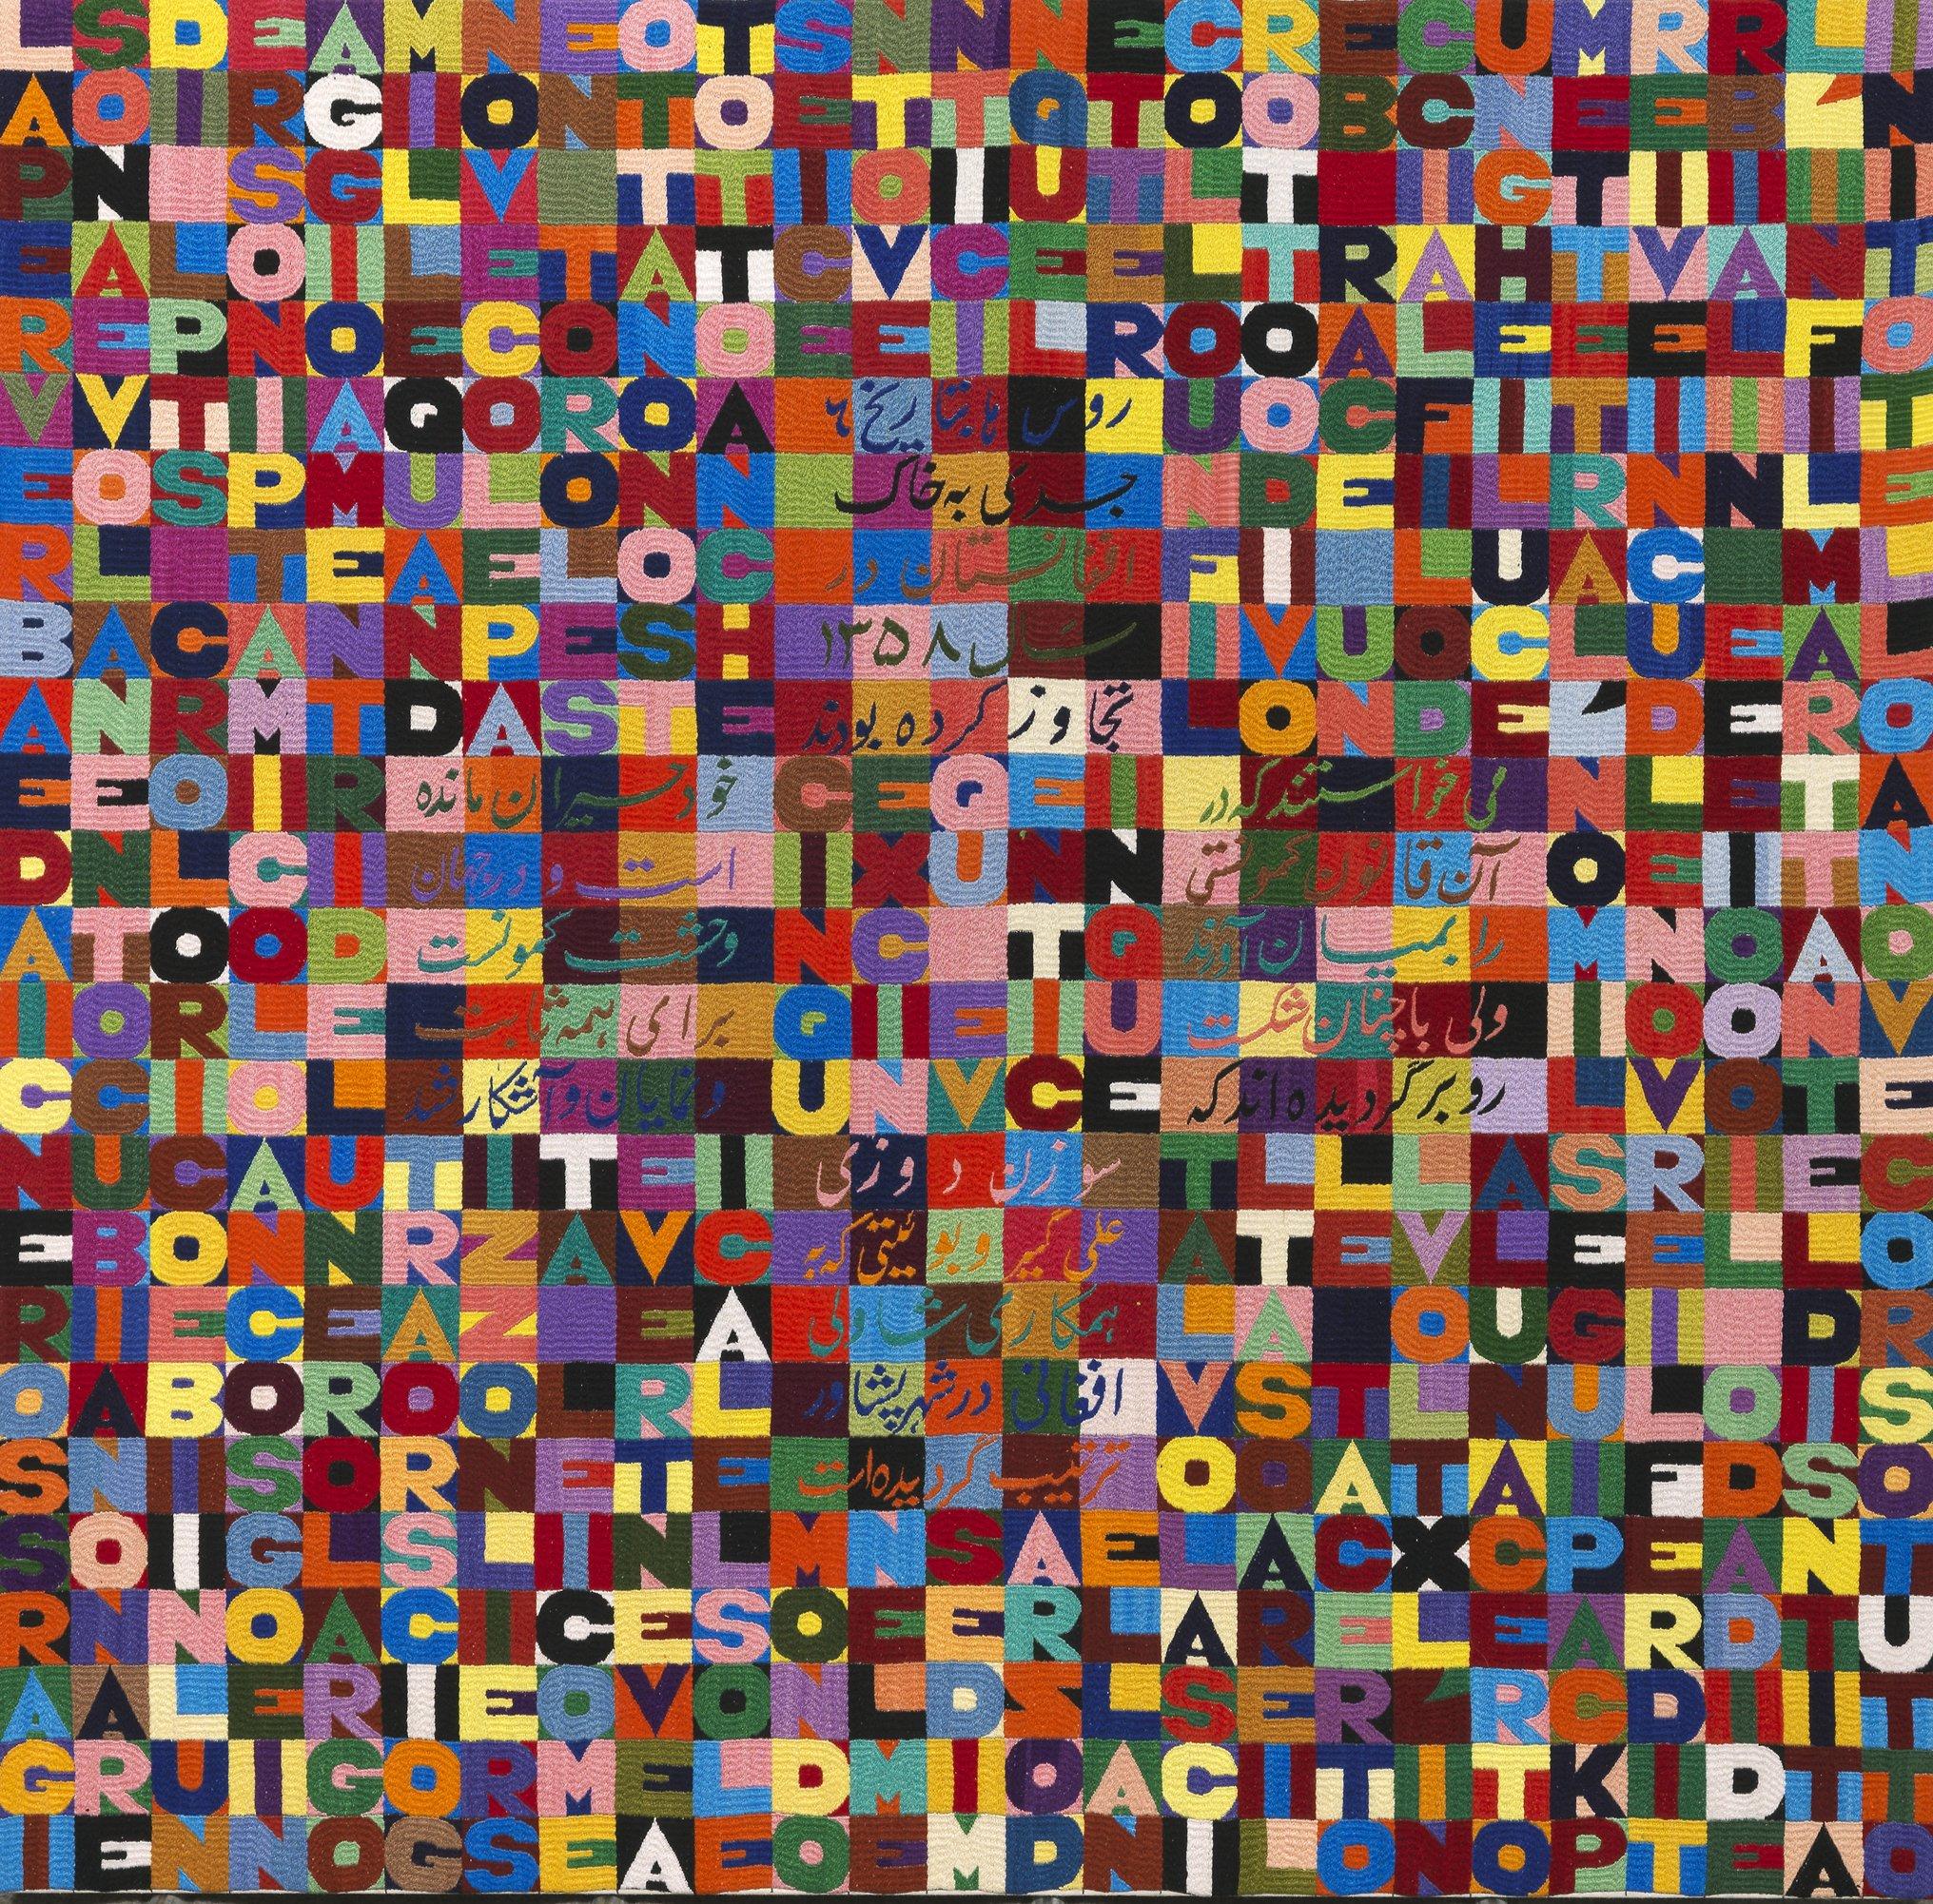 Alighiero Boetti, Seicentoventicinque lettere dai cento colori del mondo nel mese di marzo dell'anno mille, 1989, cm 101,7×103,5